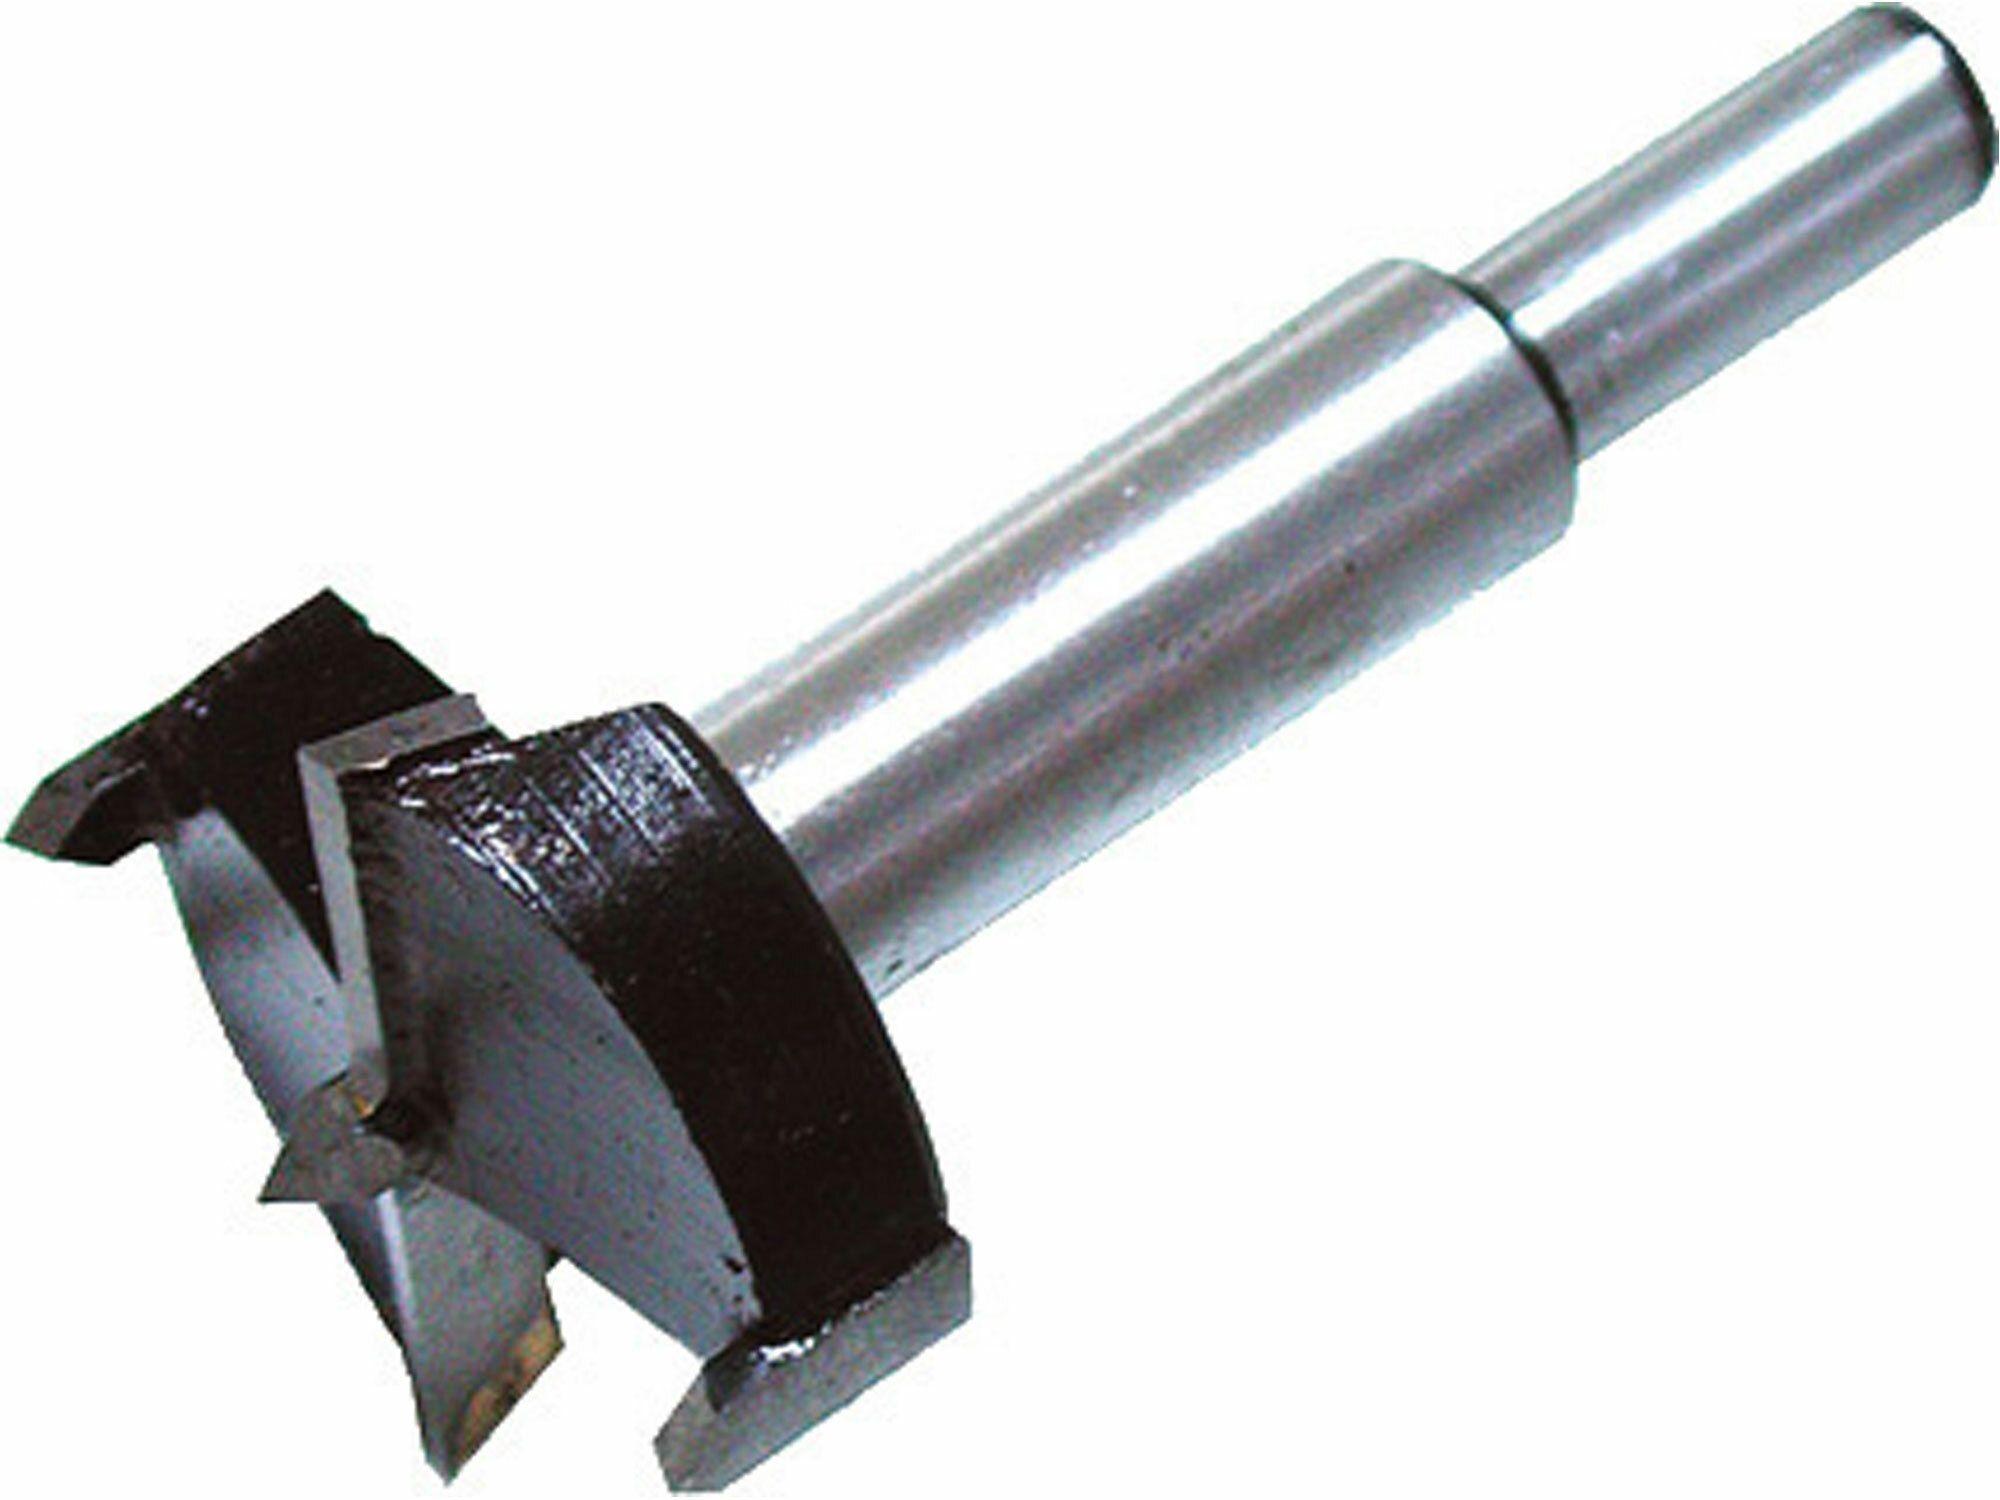 Fréza čelní-sukovník, do dřeva s SK plátky, O 35mm, stopka 10mm EXTOL-CRAFT